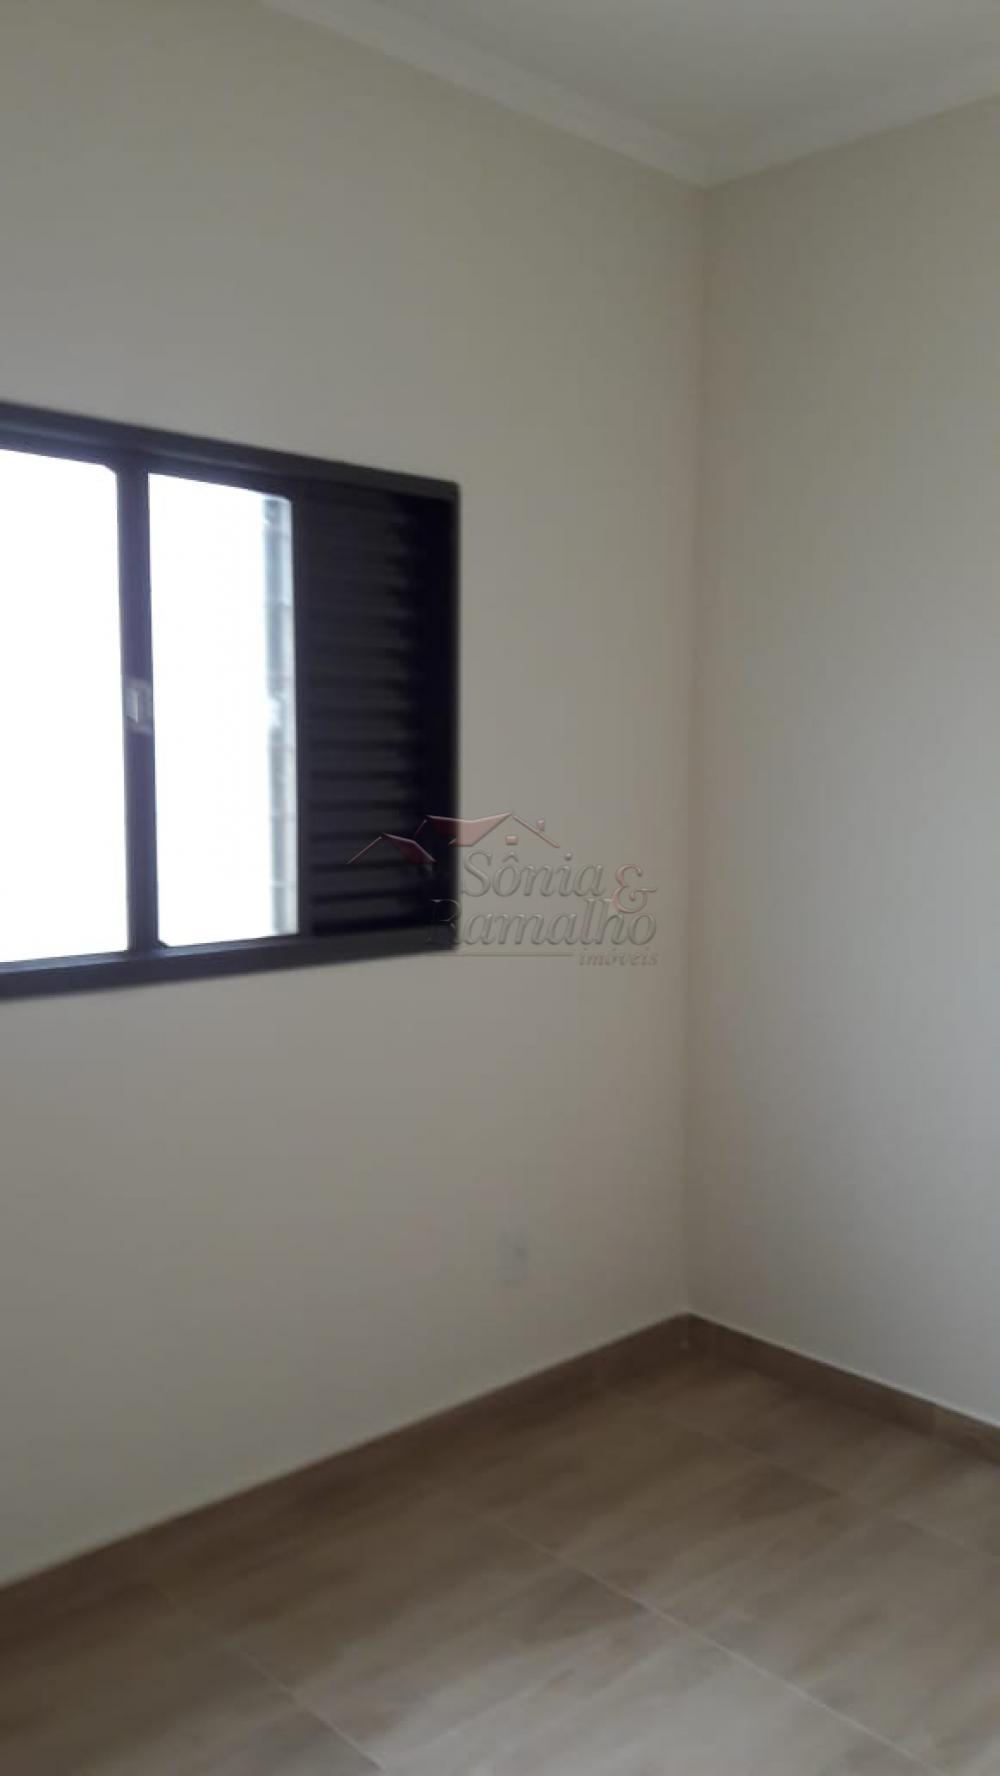 Comprar Casas / Padrão em Ribeirão Preto apenas R$ 290.000,00 - Foto 8